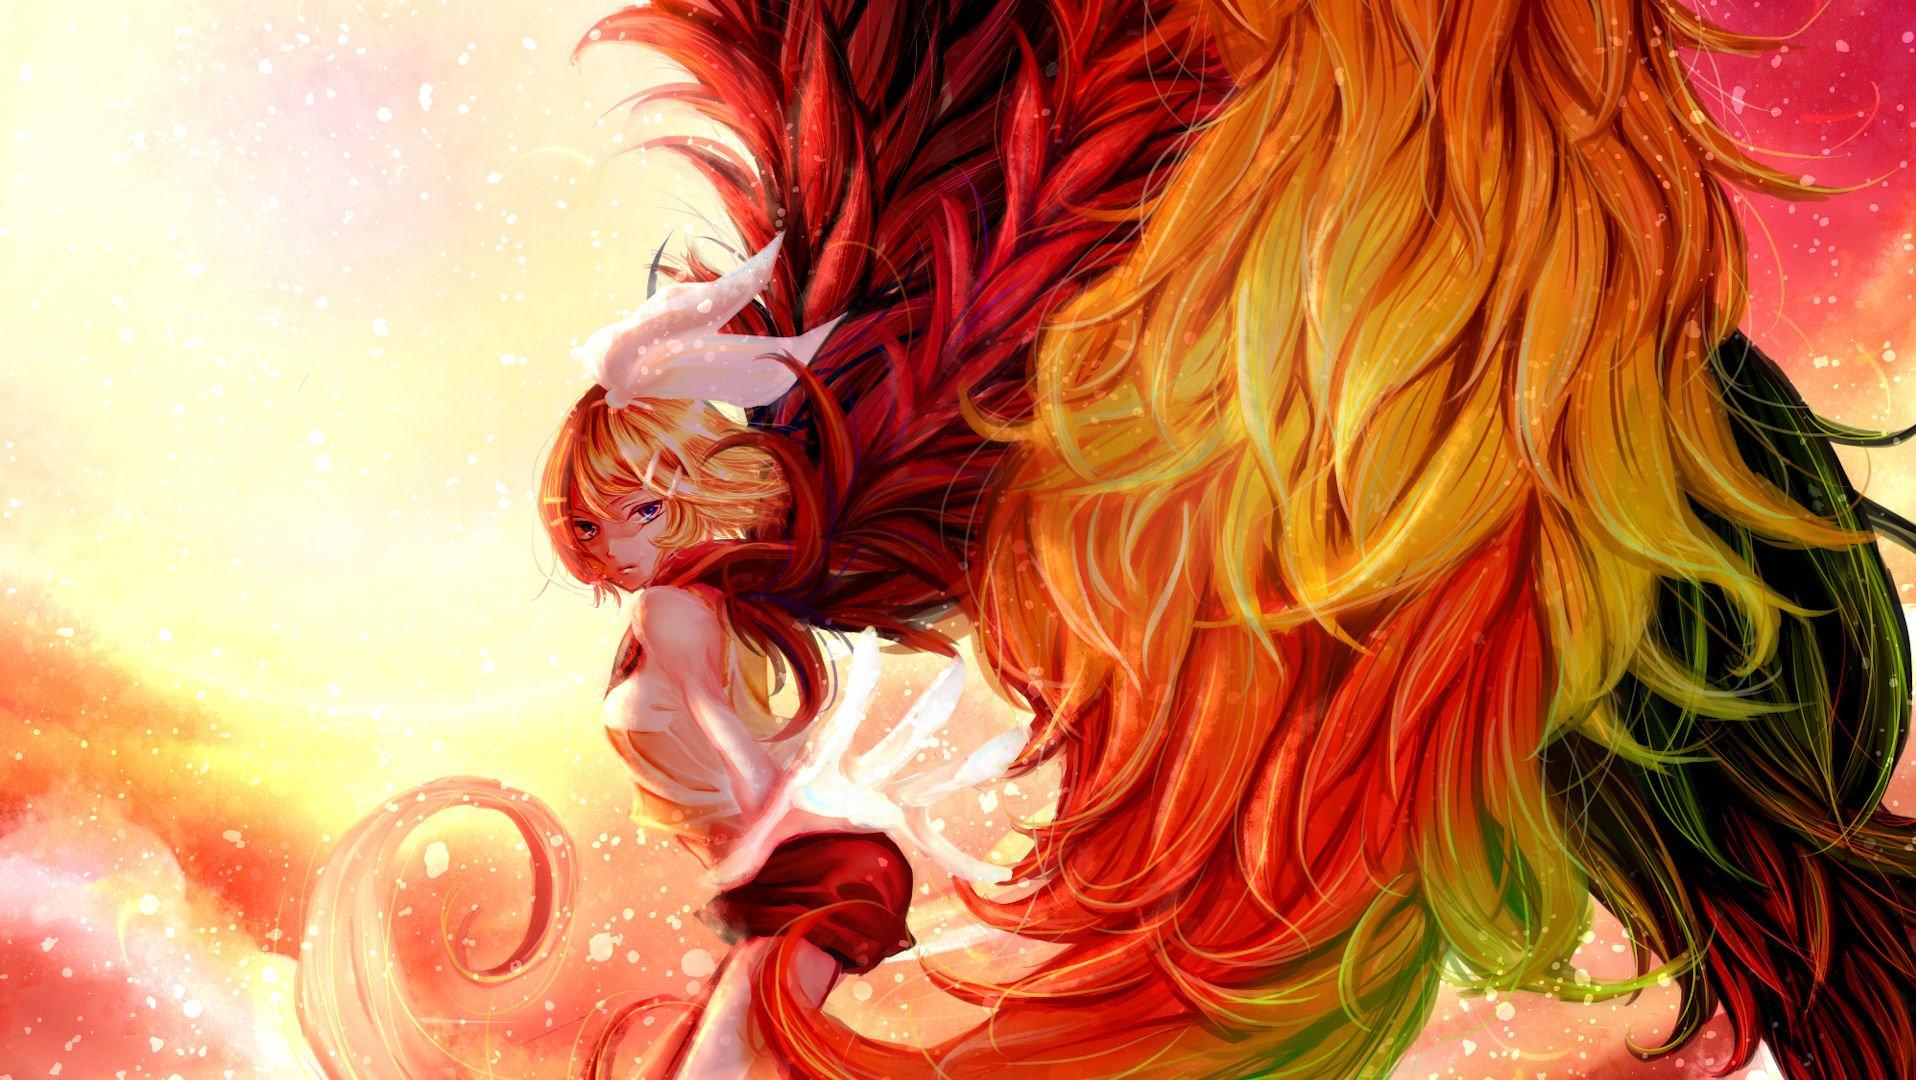 Phoenix Wallpaper Iphone Vocaloid Fondo De Pantalla And Fondo De Escritorio